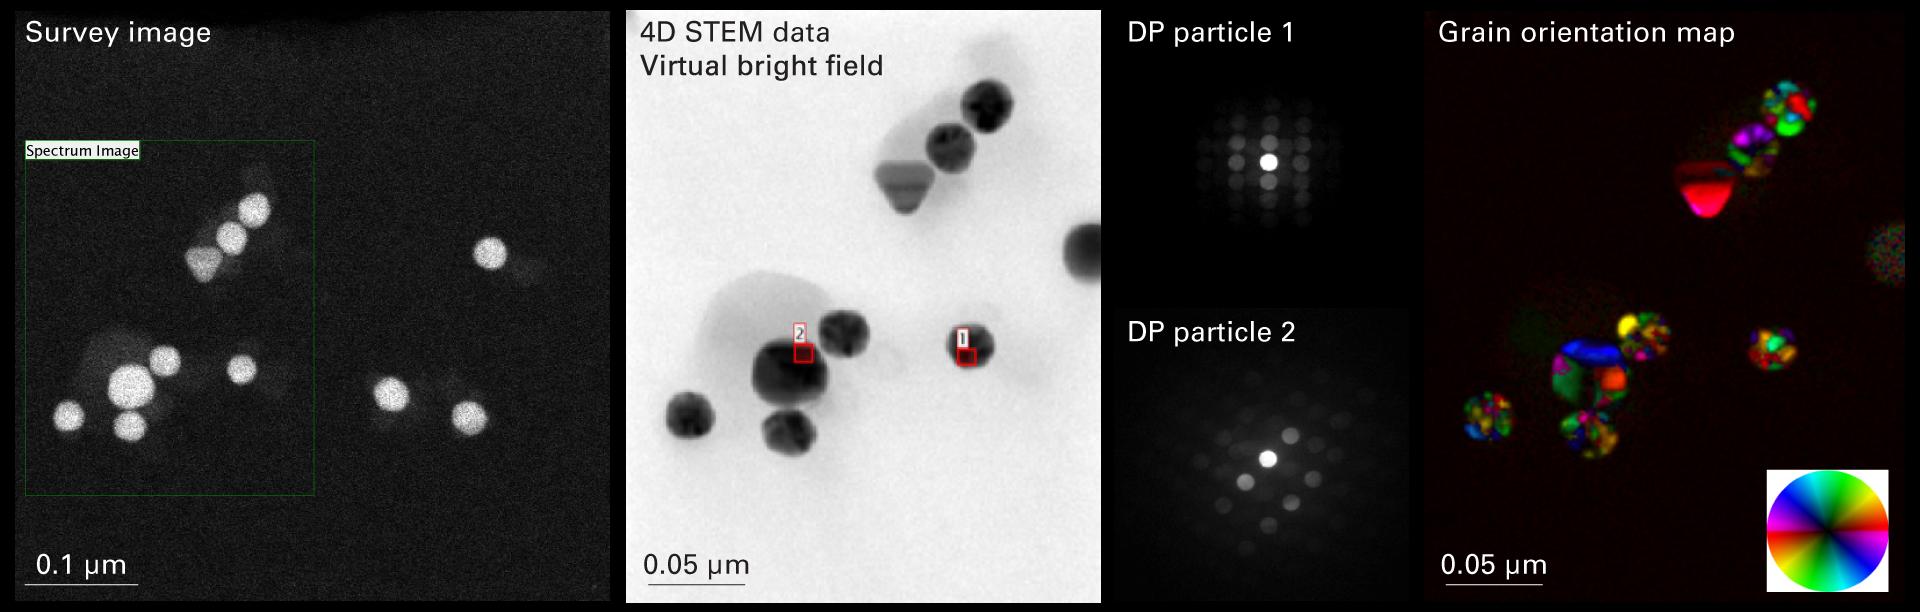 4D STEM diffraction data cube